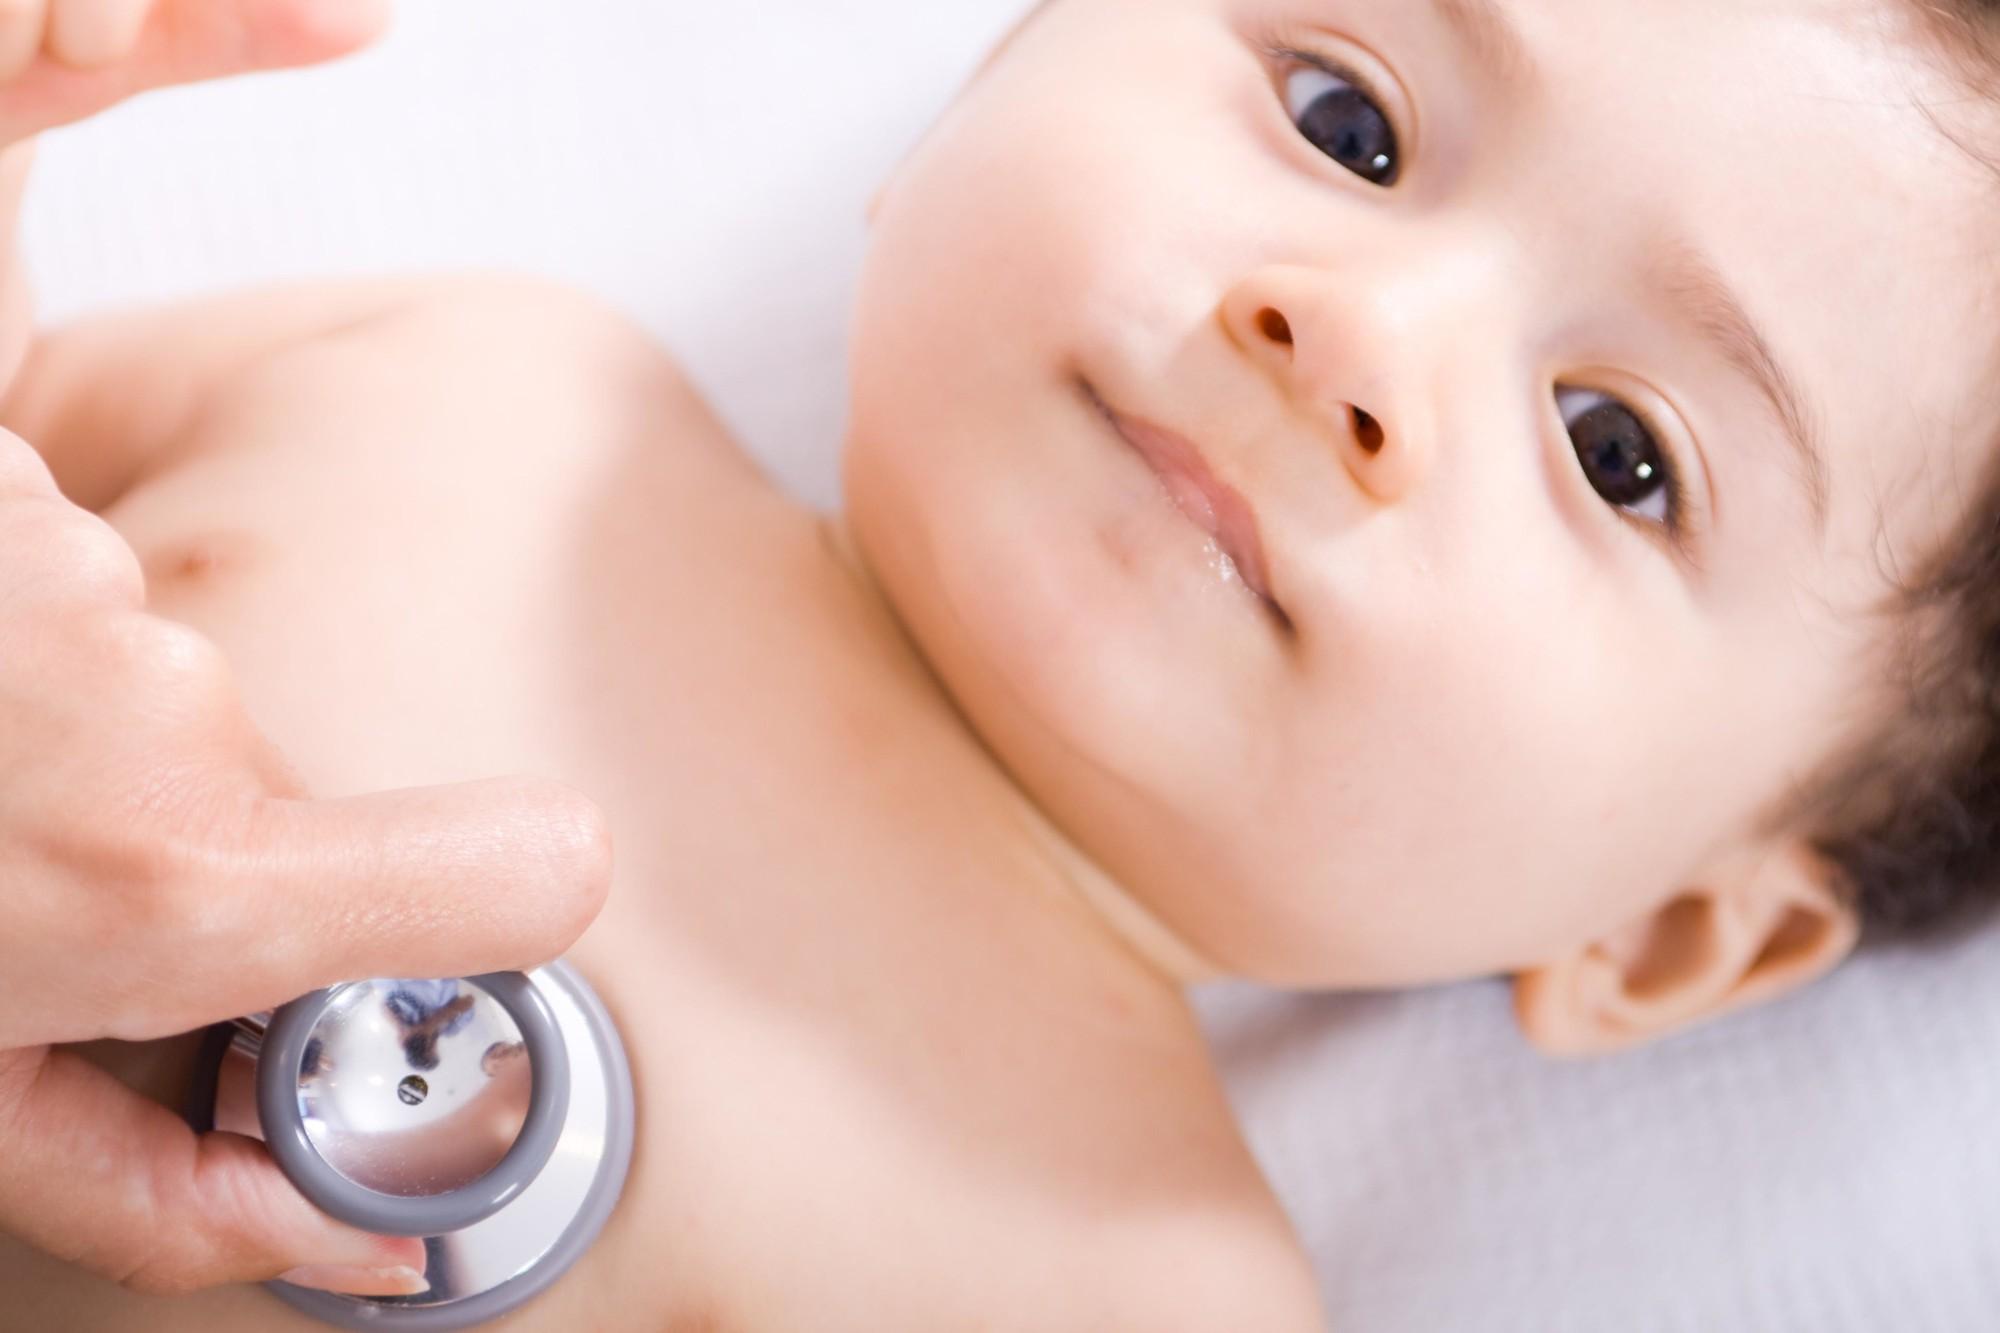 Những nguyên nhân gây bệnh thấp tim ở trẻ em cha mẹ cần đền phòng - Ảnh 1.